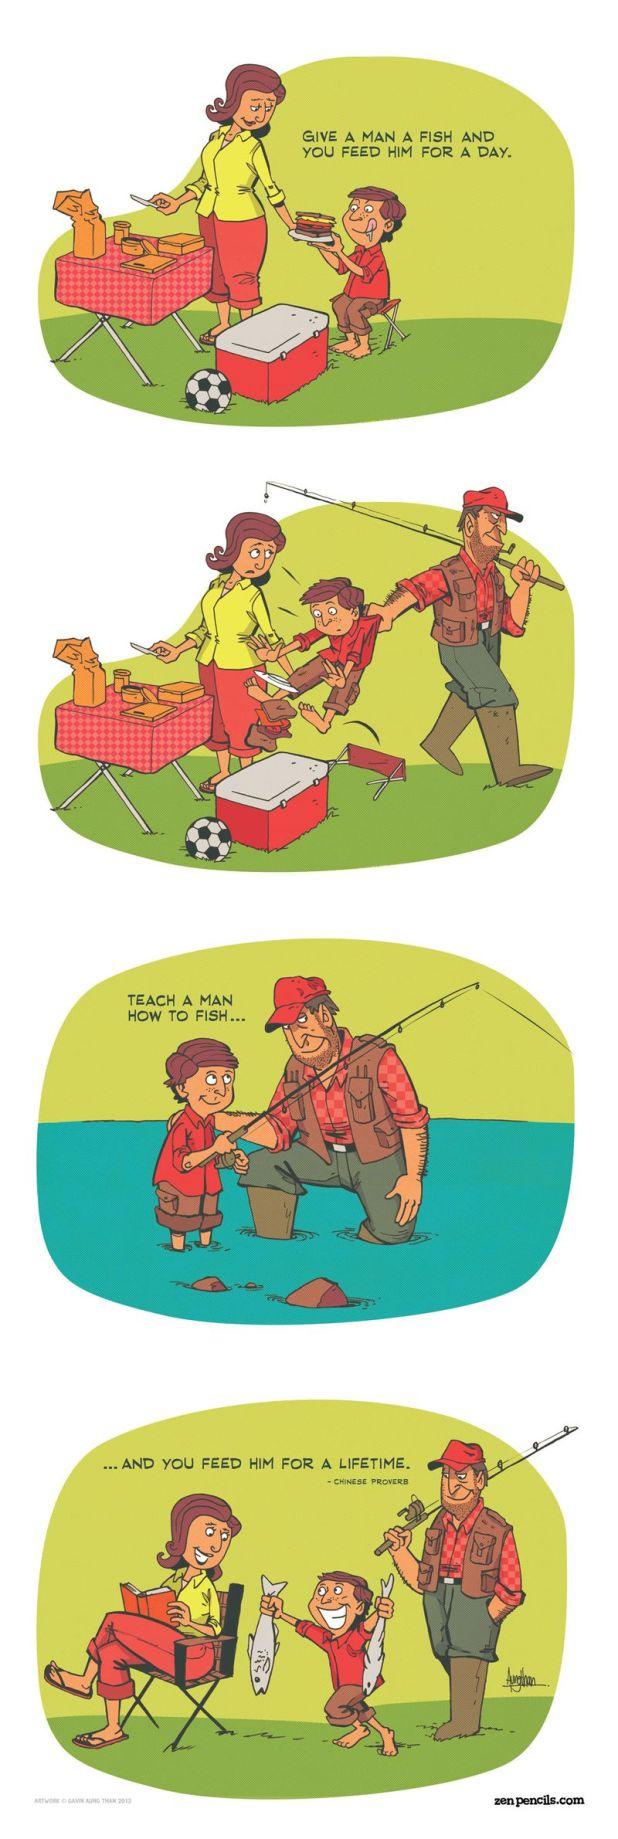 2012-09-27-fishing